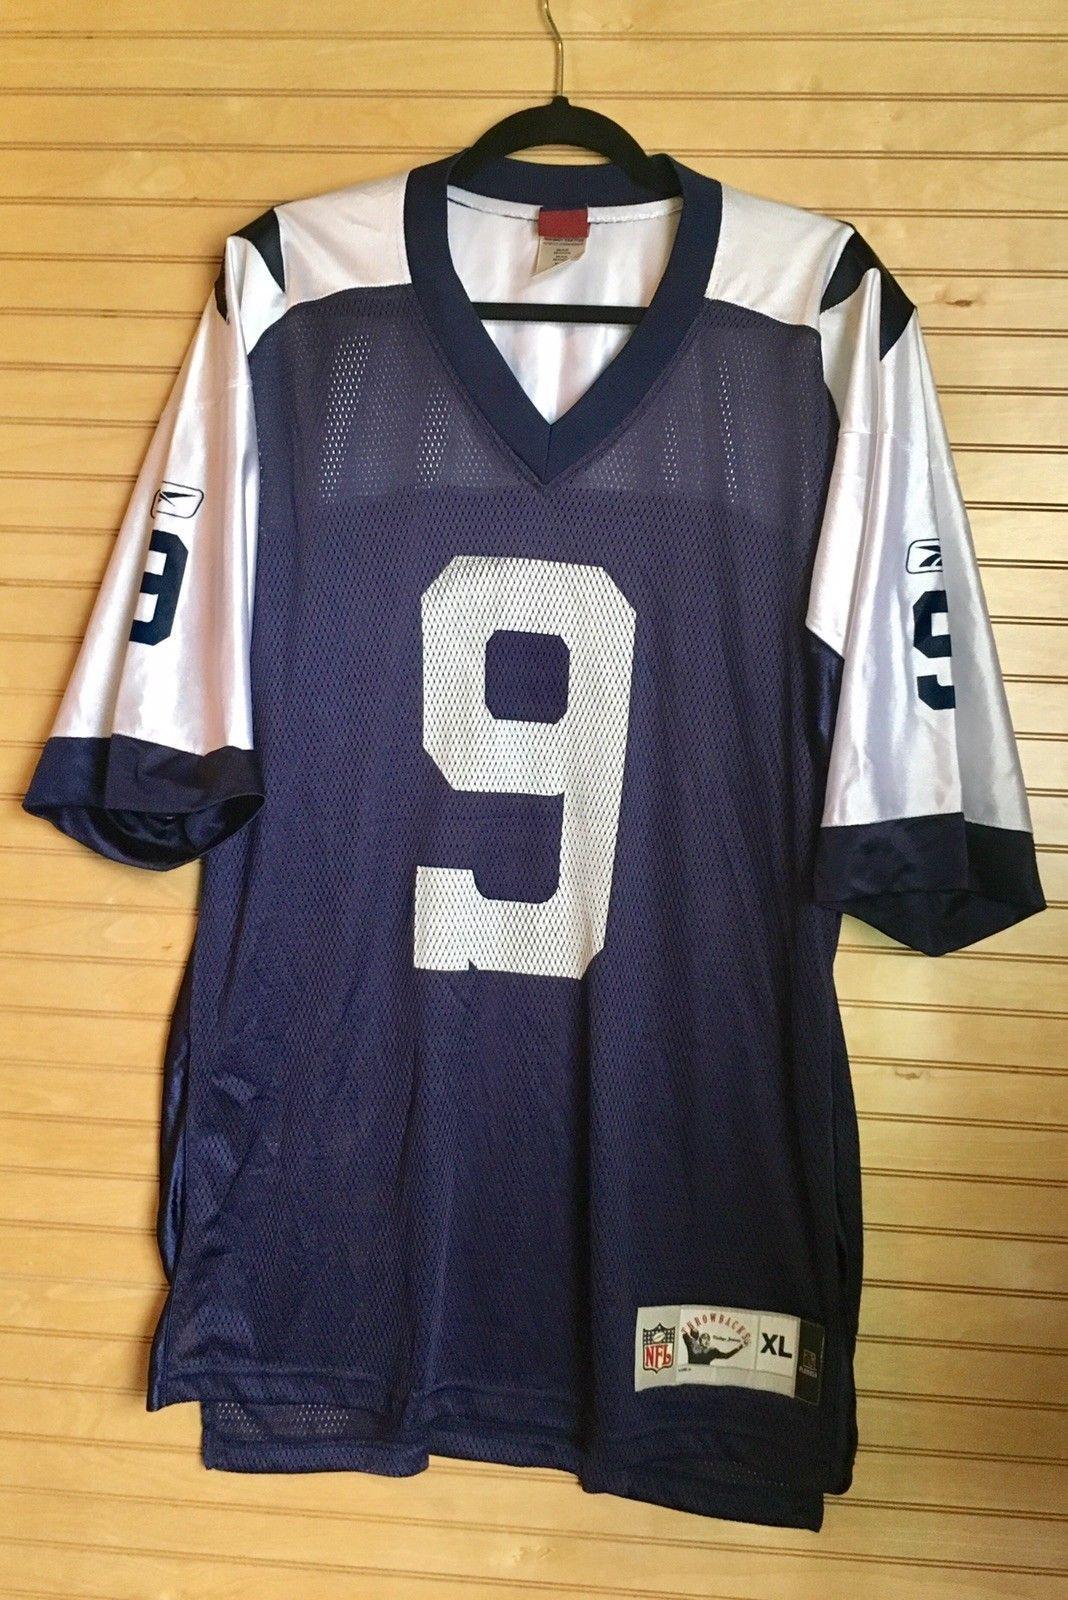 huge discount e2e41 4eddb Tony Romo Dallas Cowboys Reebok NFL Classic